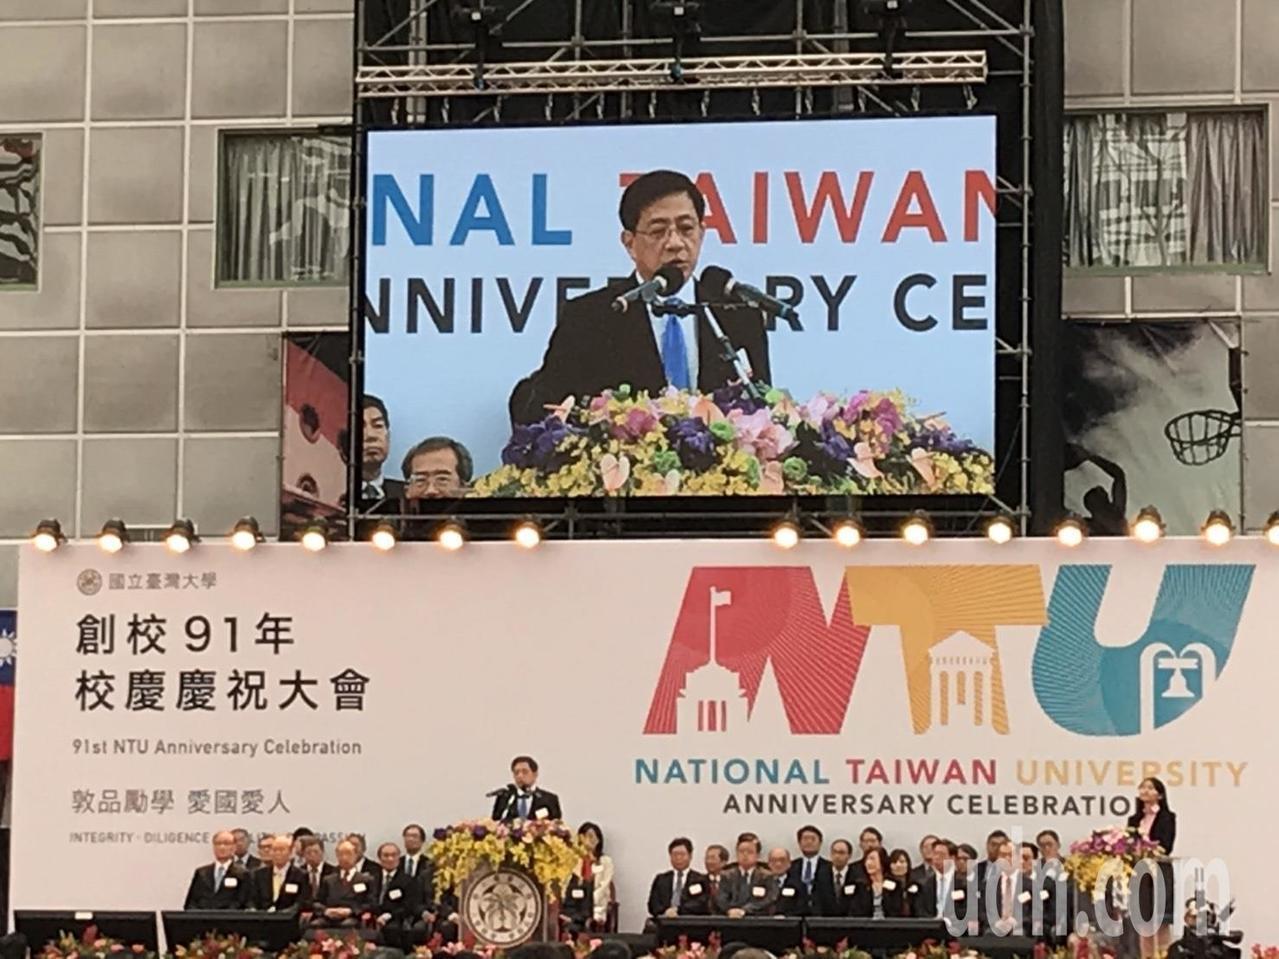 台大校長管中閔於91周年校慶致詞,重申2028未來大學願景。記者潘乃欣/攝影